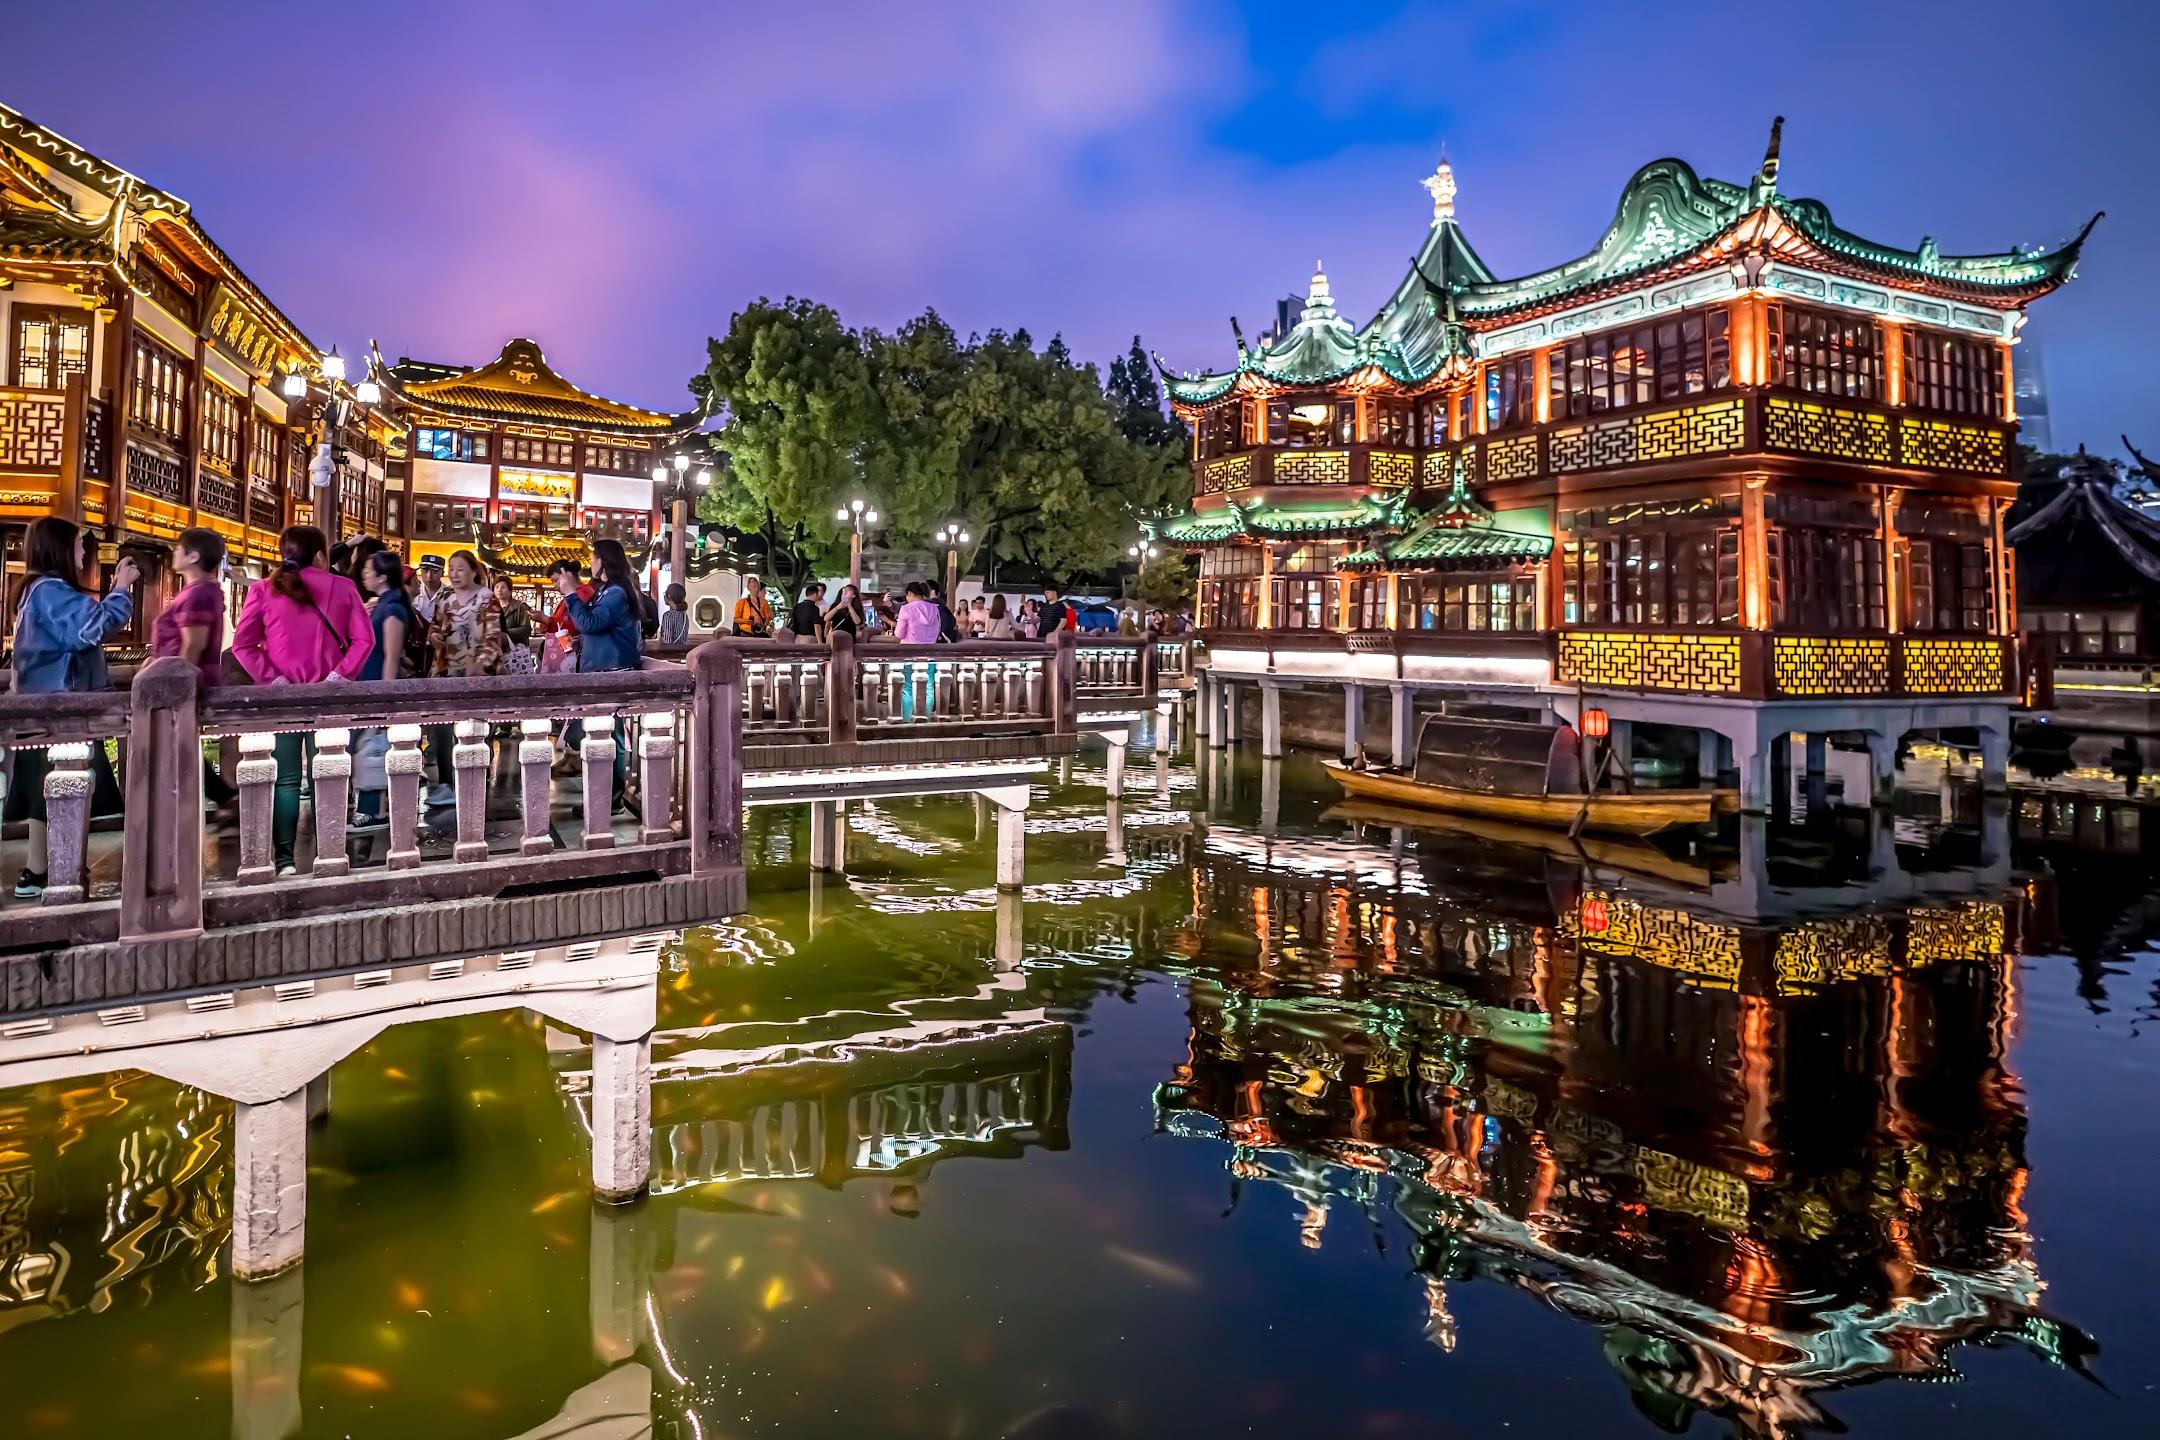 上海 豫園 湖心亭 ライトアップ1